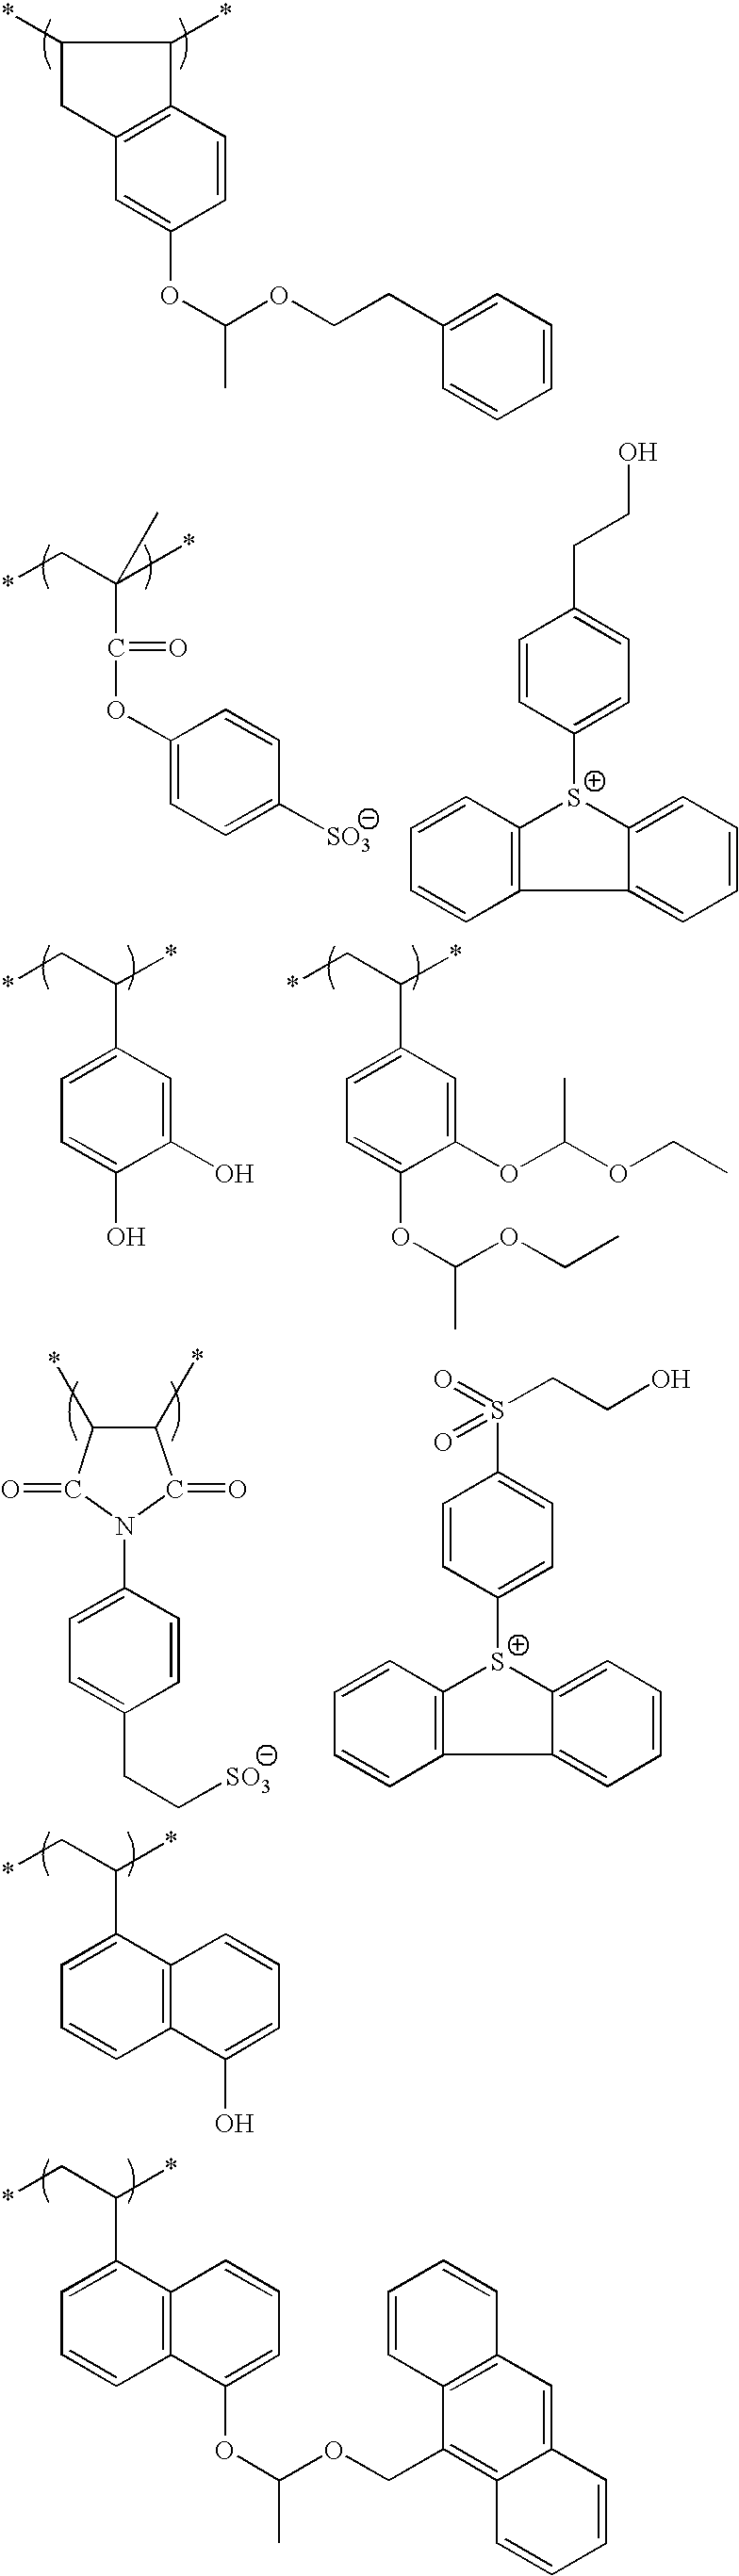 Figure US08852845-20141007-C00189